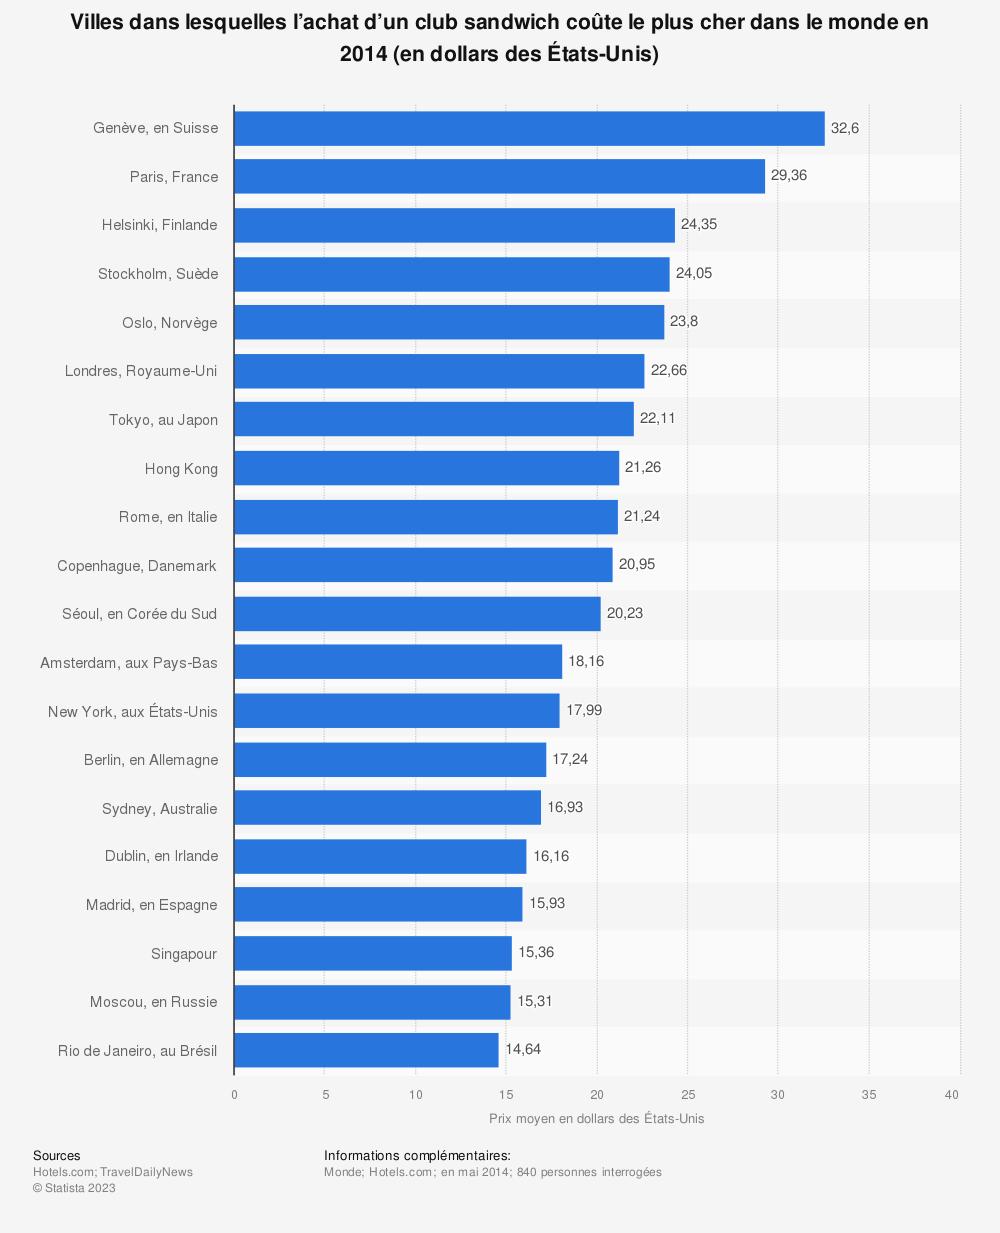 Statistique: Villes dans lesquelles l'achat d'un club sandwich coûte le plus cher dans le monde en 2014 (en dollars des États-Unis) | Statista